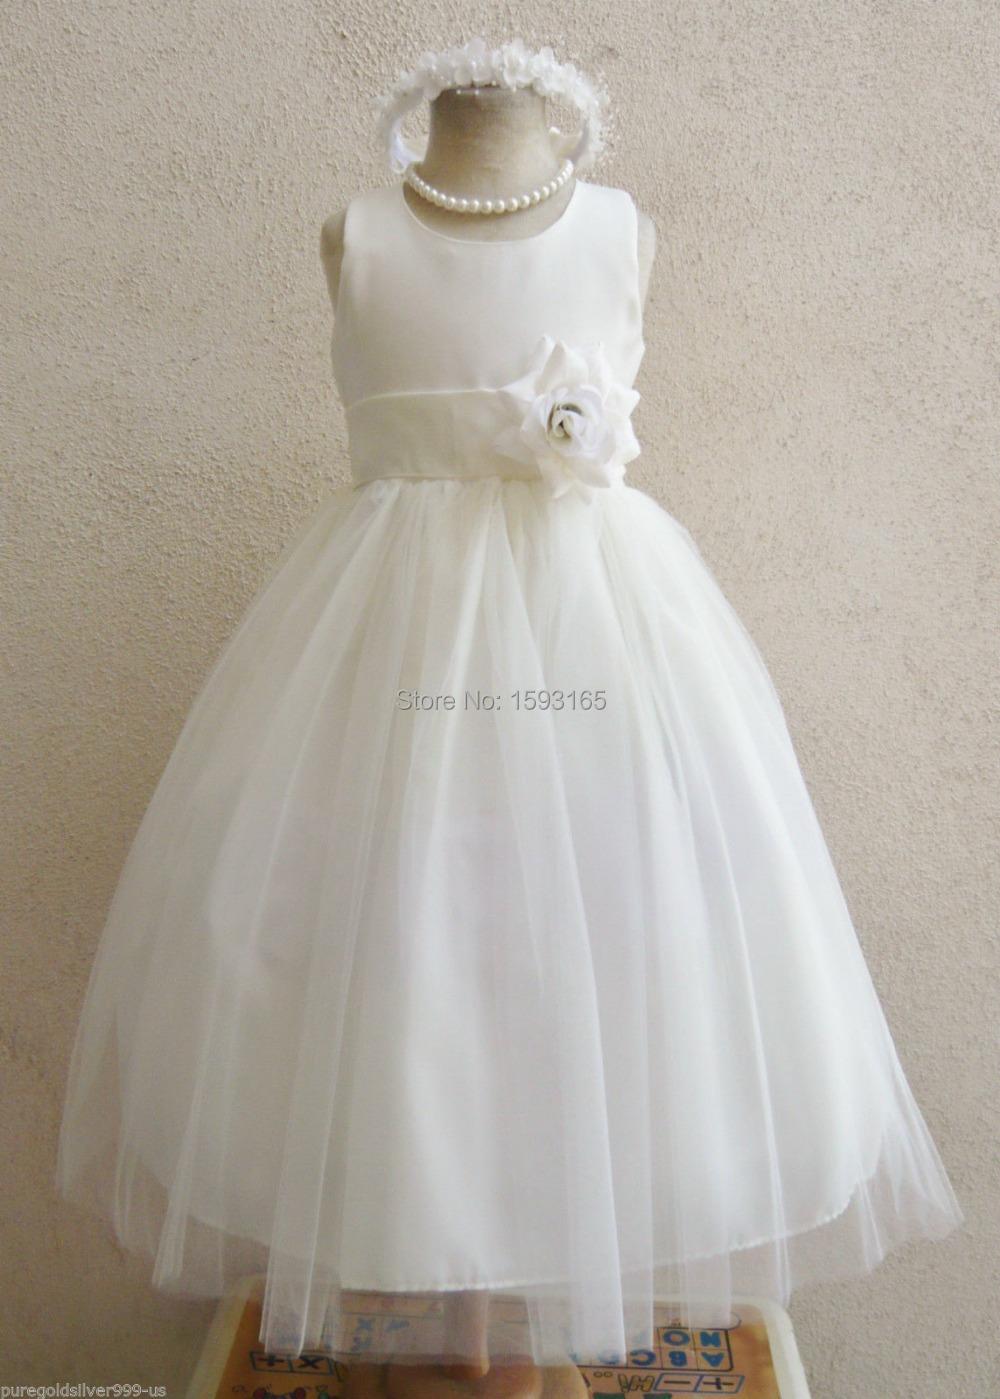 Size 4 Flower Girl Dresses 99